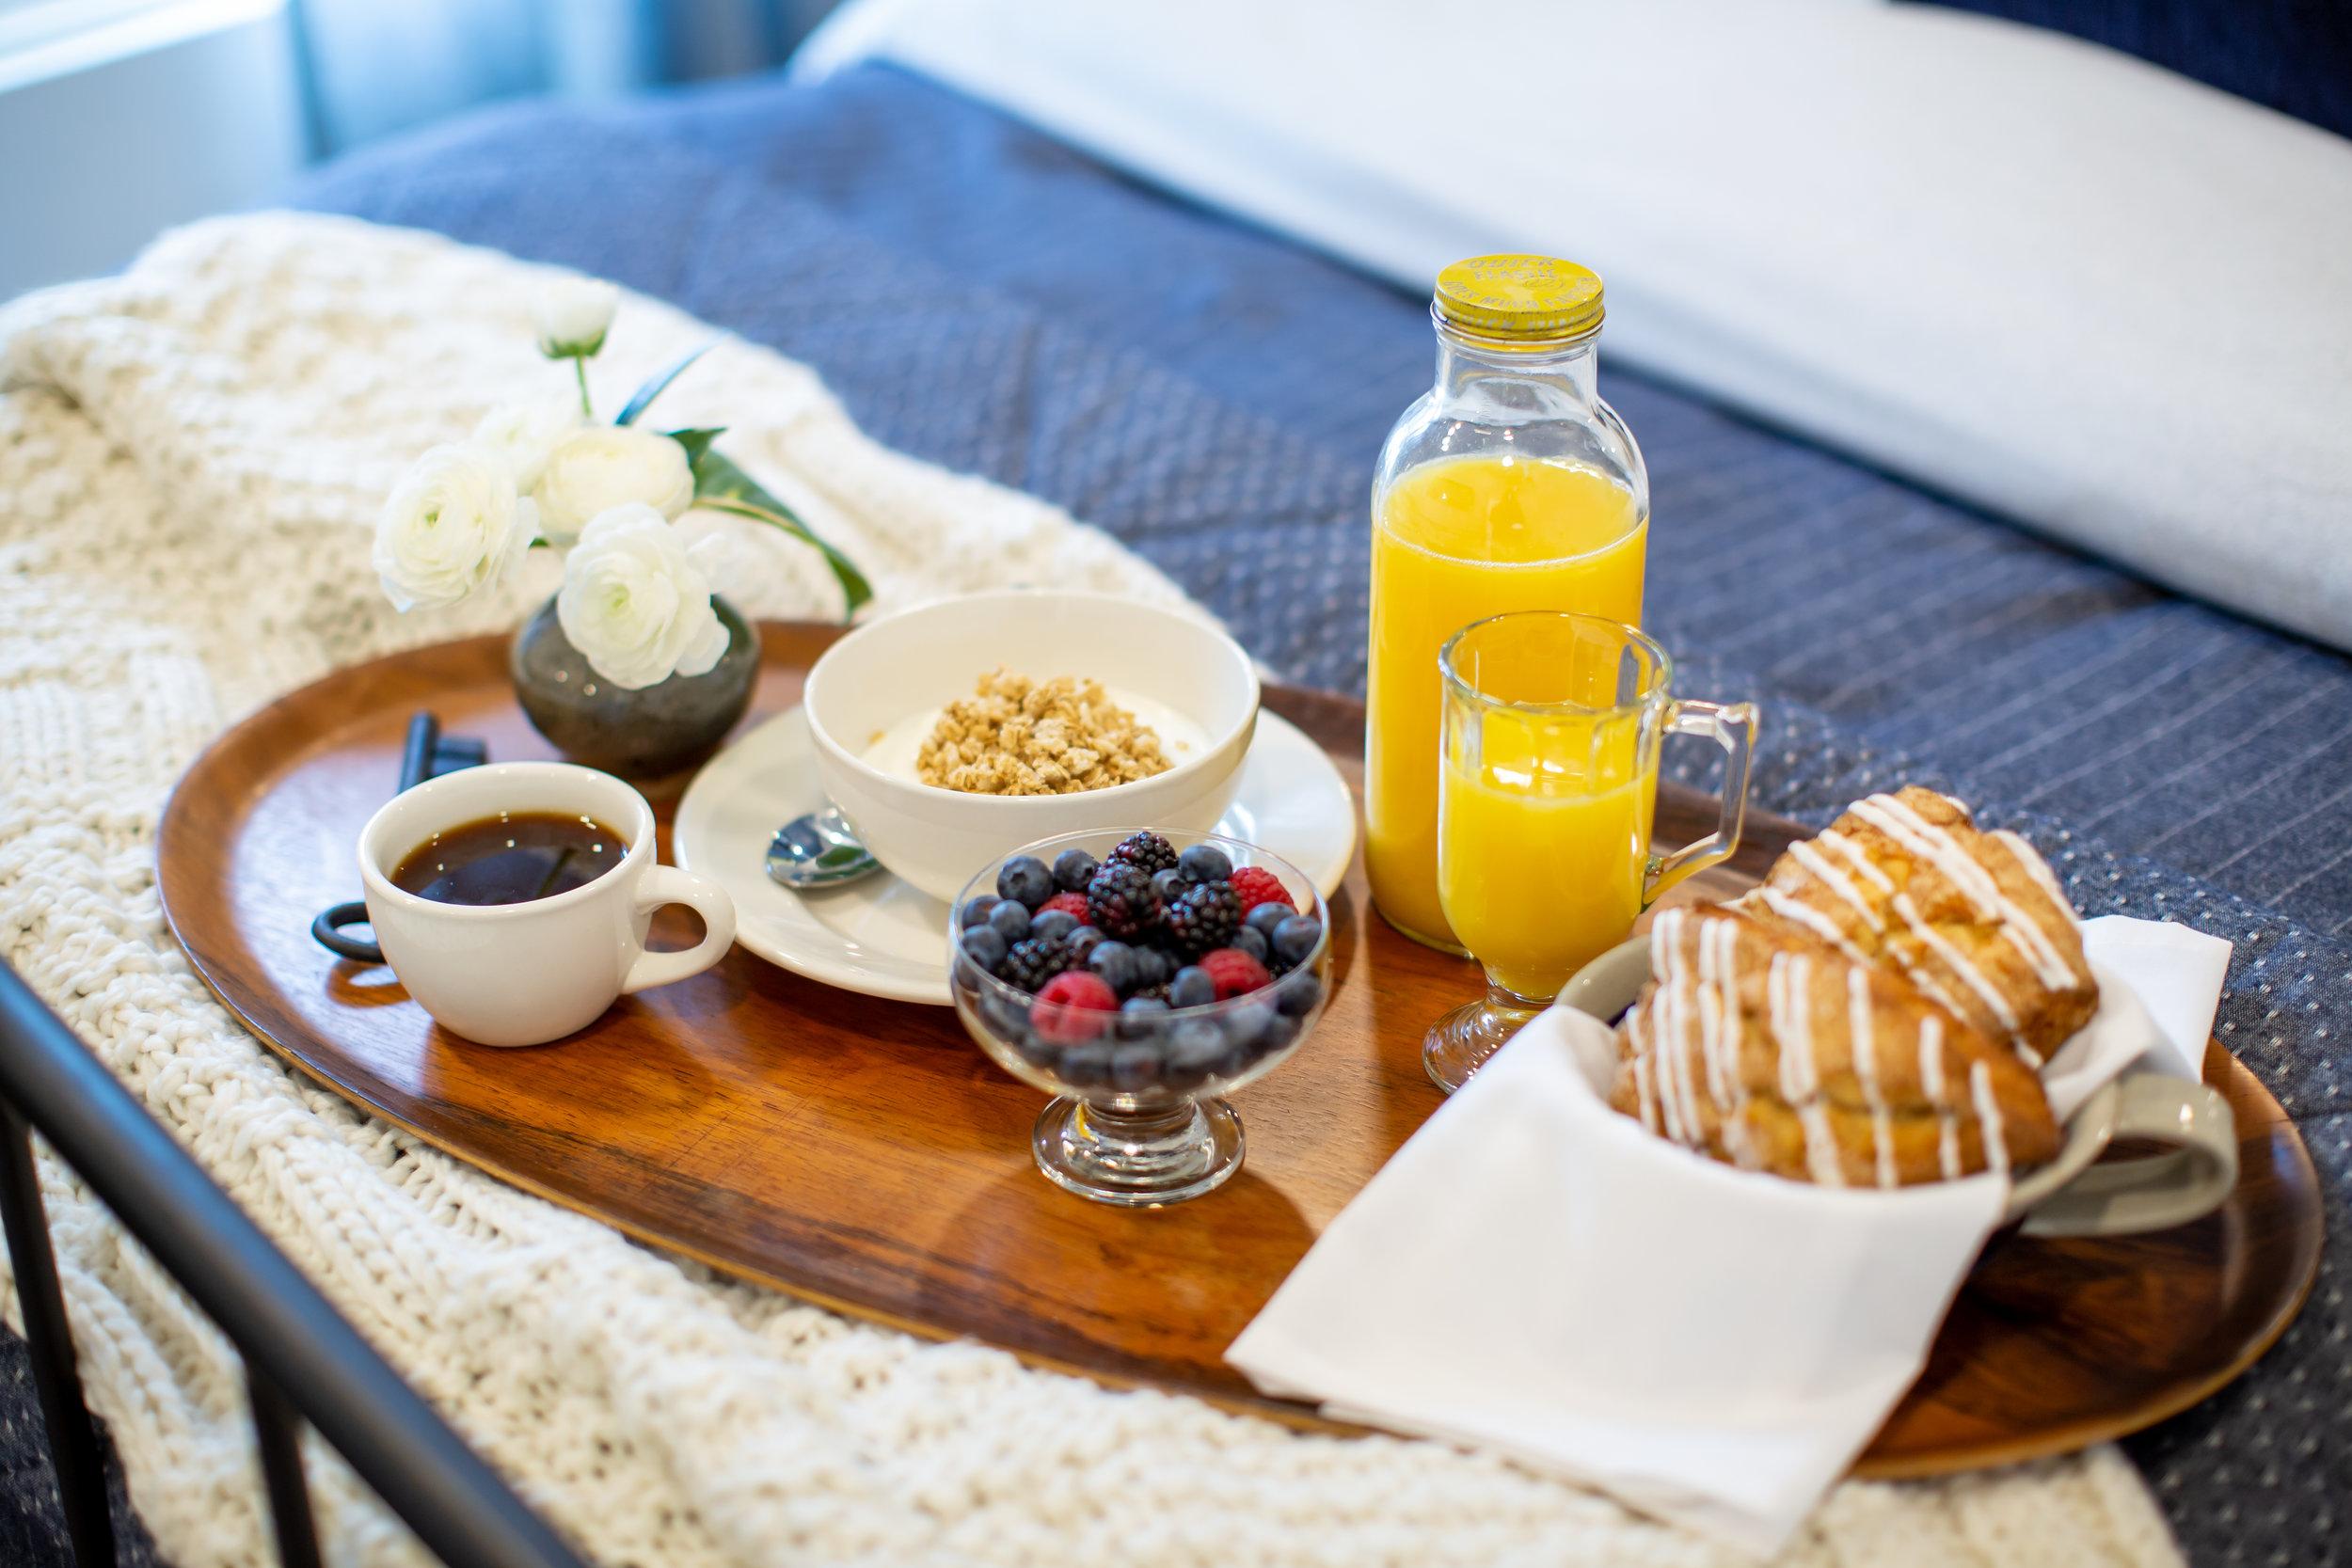 239 Flume Edited - bed breakfast 2.jpg